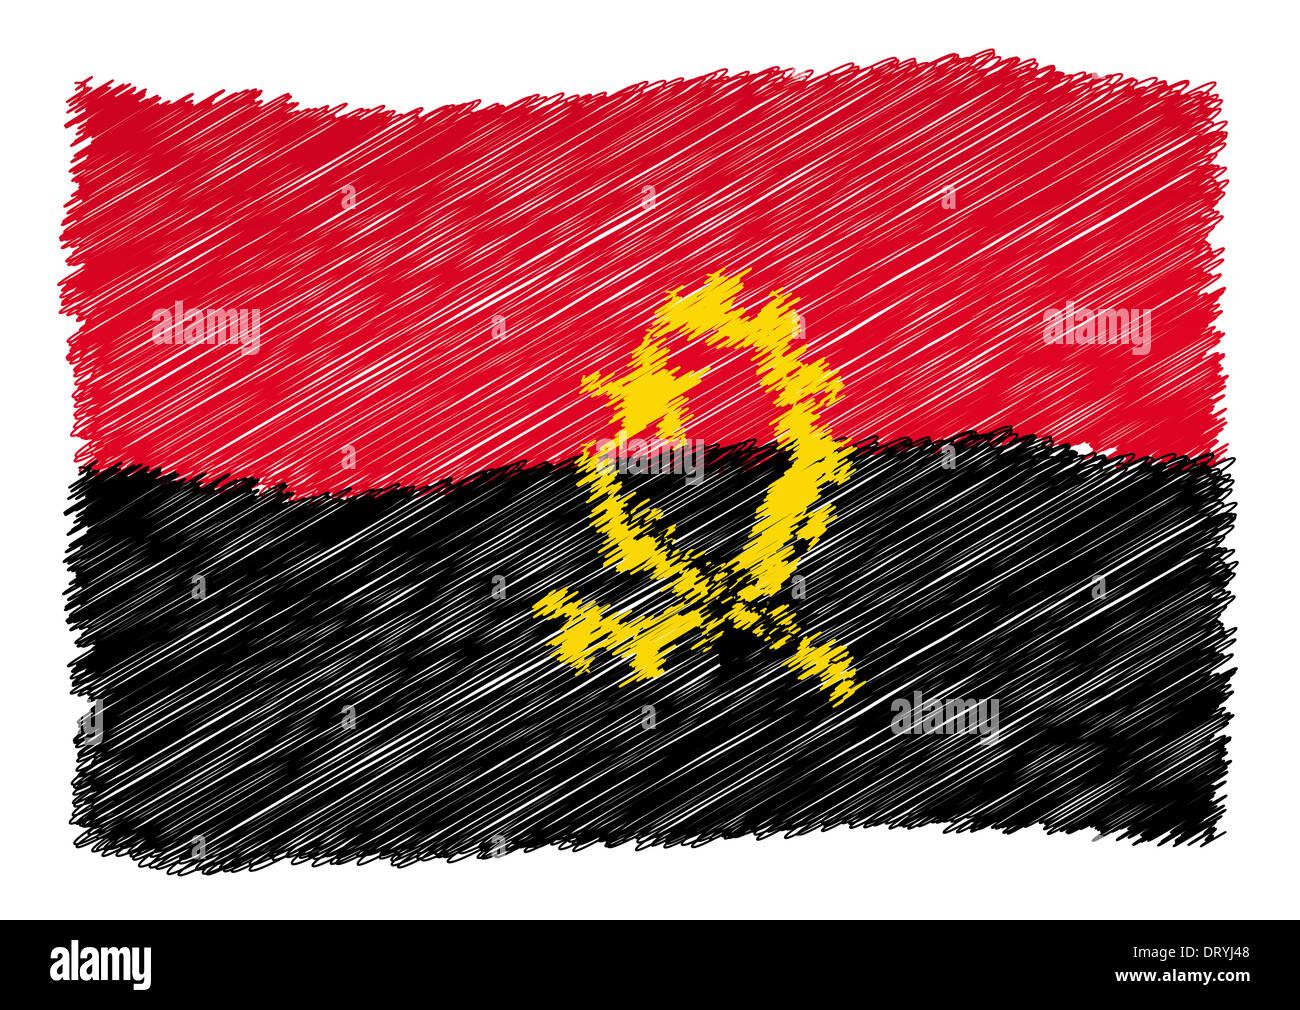 Sketch - Angola - Stock Image